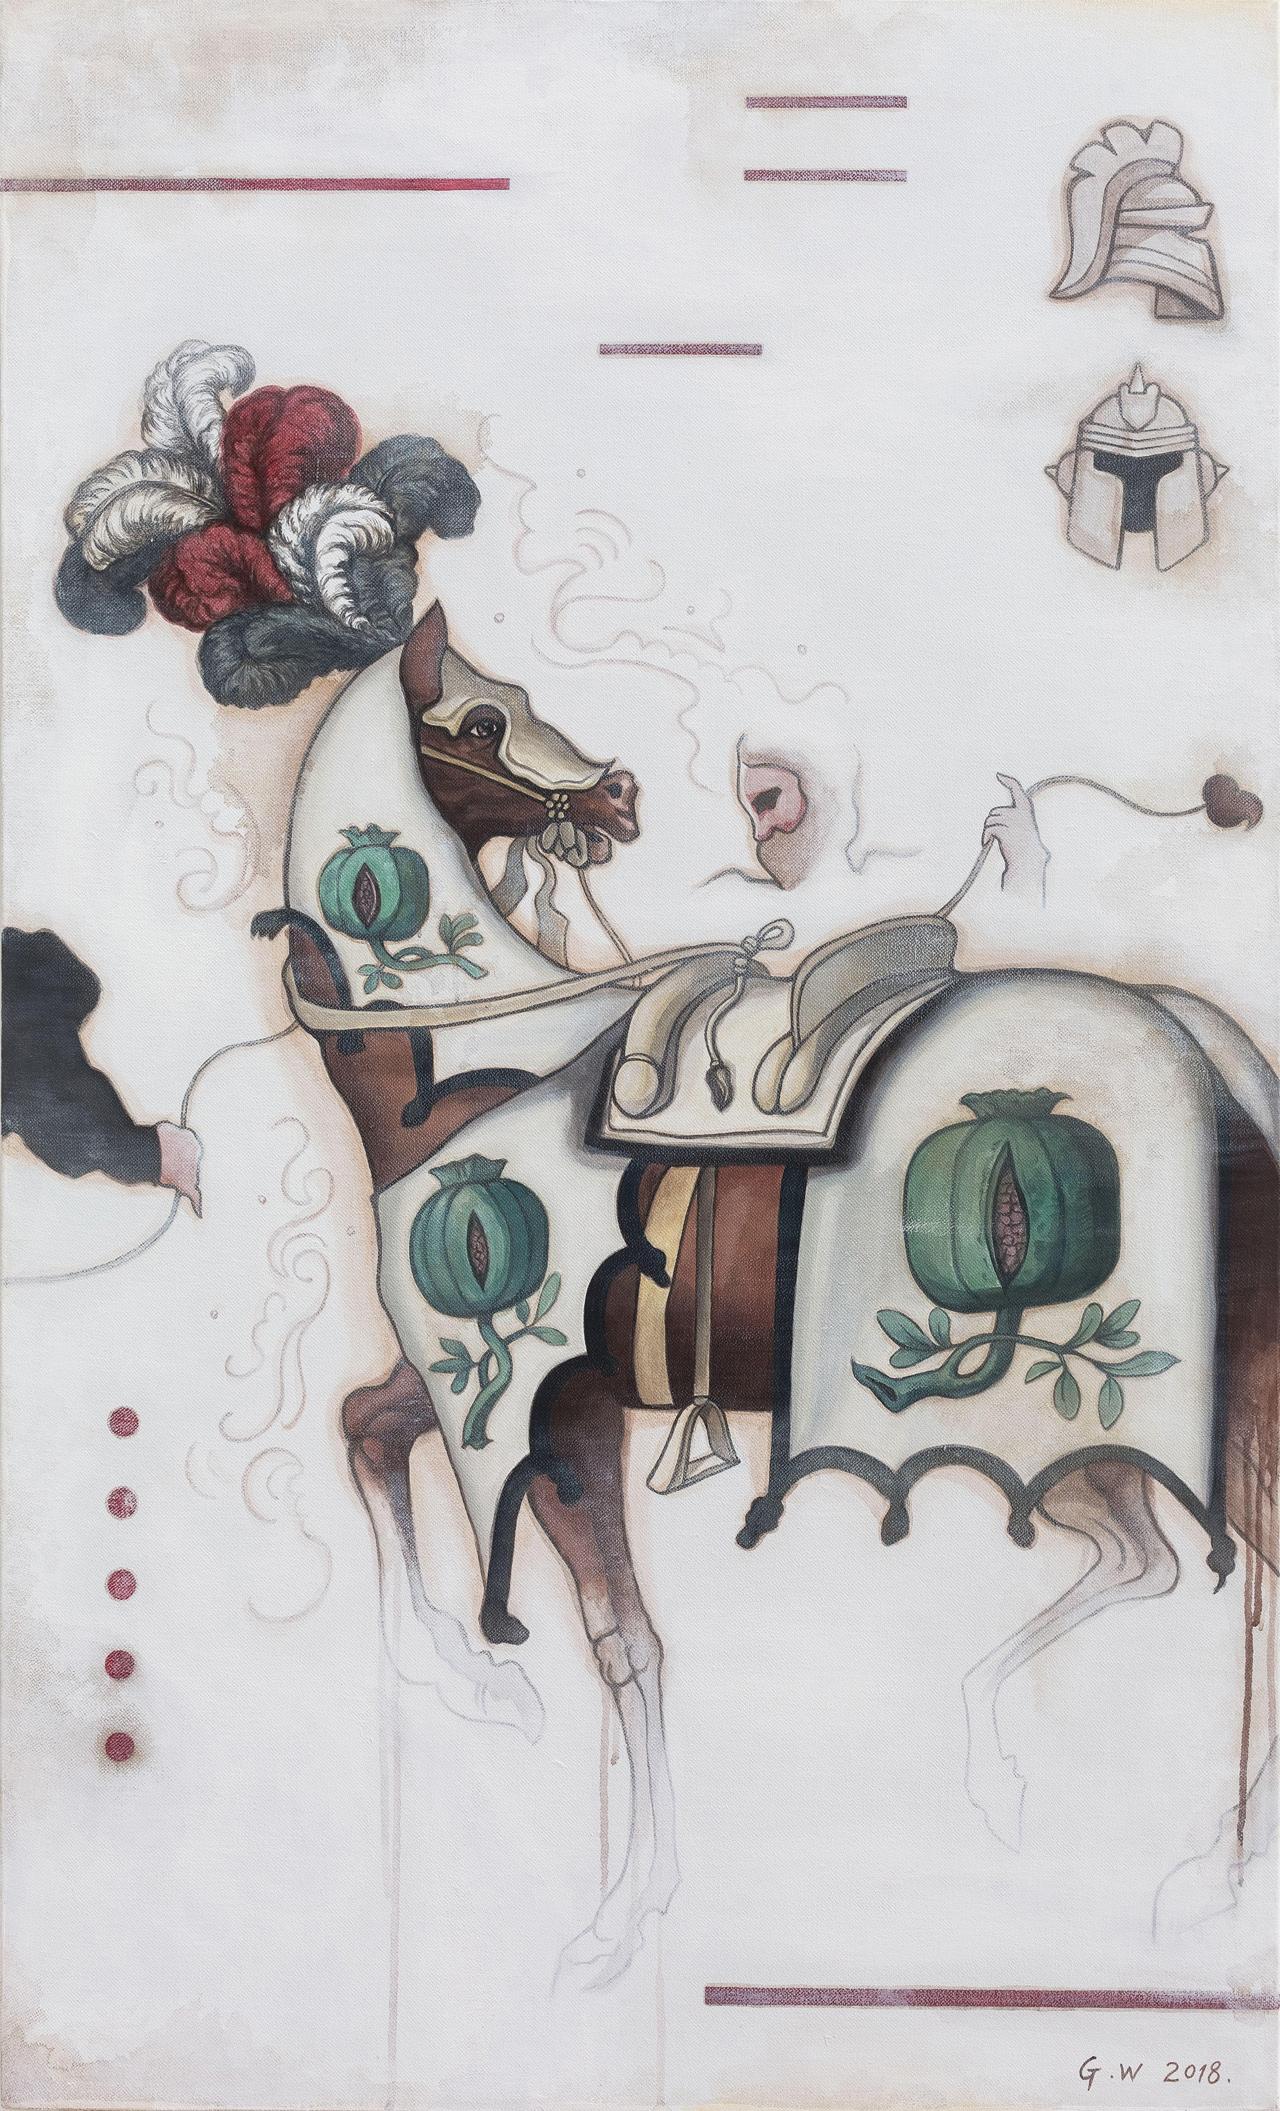 Guan Wei,  Chivalry No. 1 , 2018, acrylic on linen, 130 x 80cm.